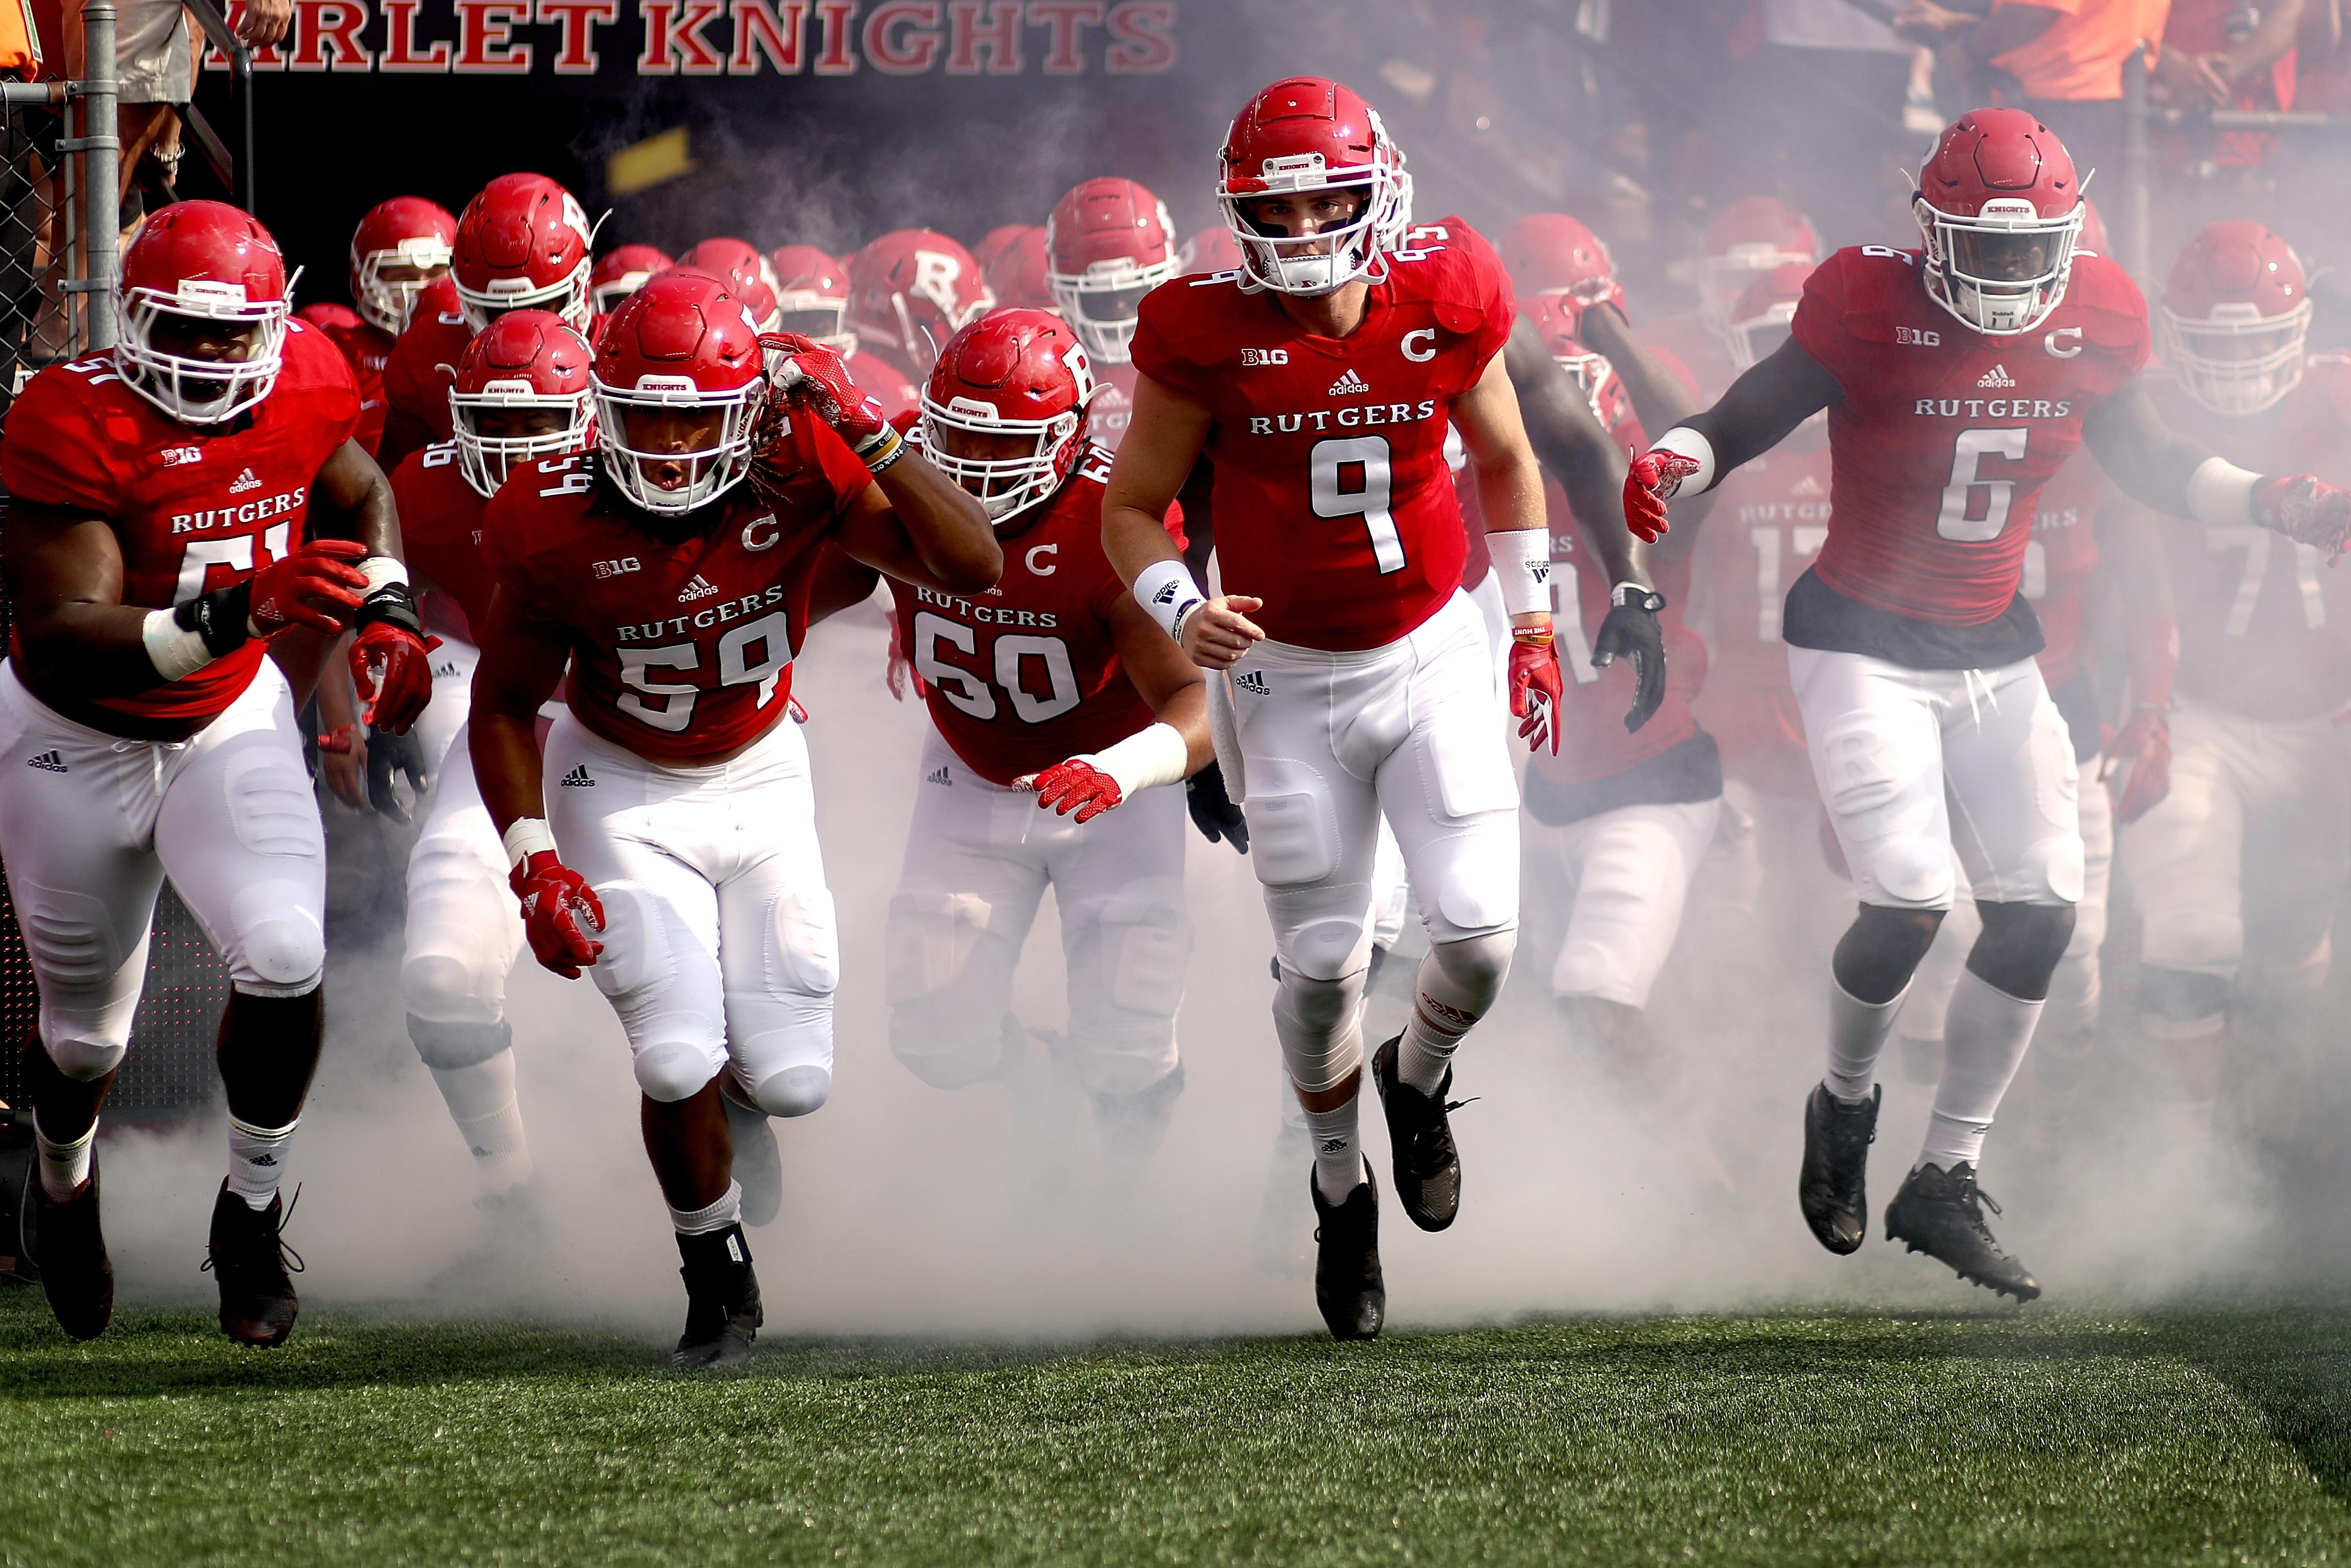 Morgan State v Rutgers